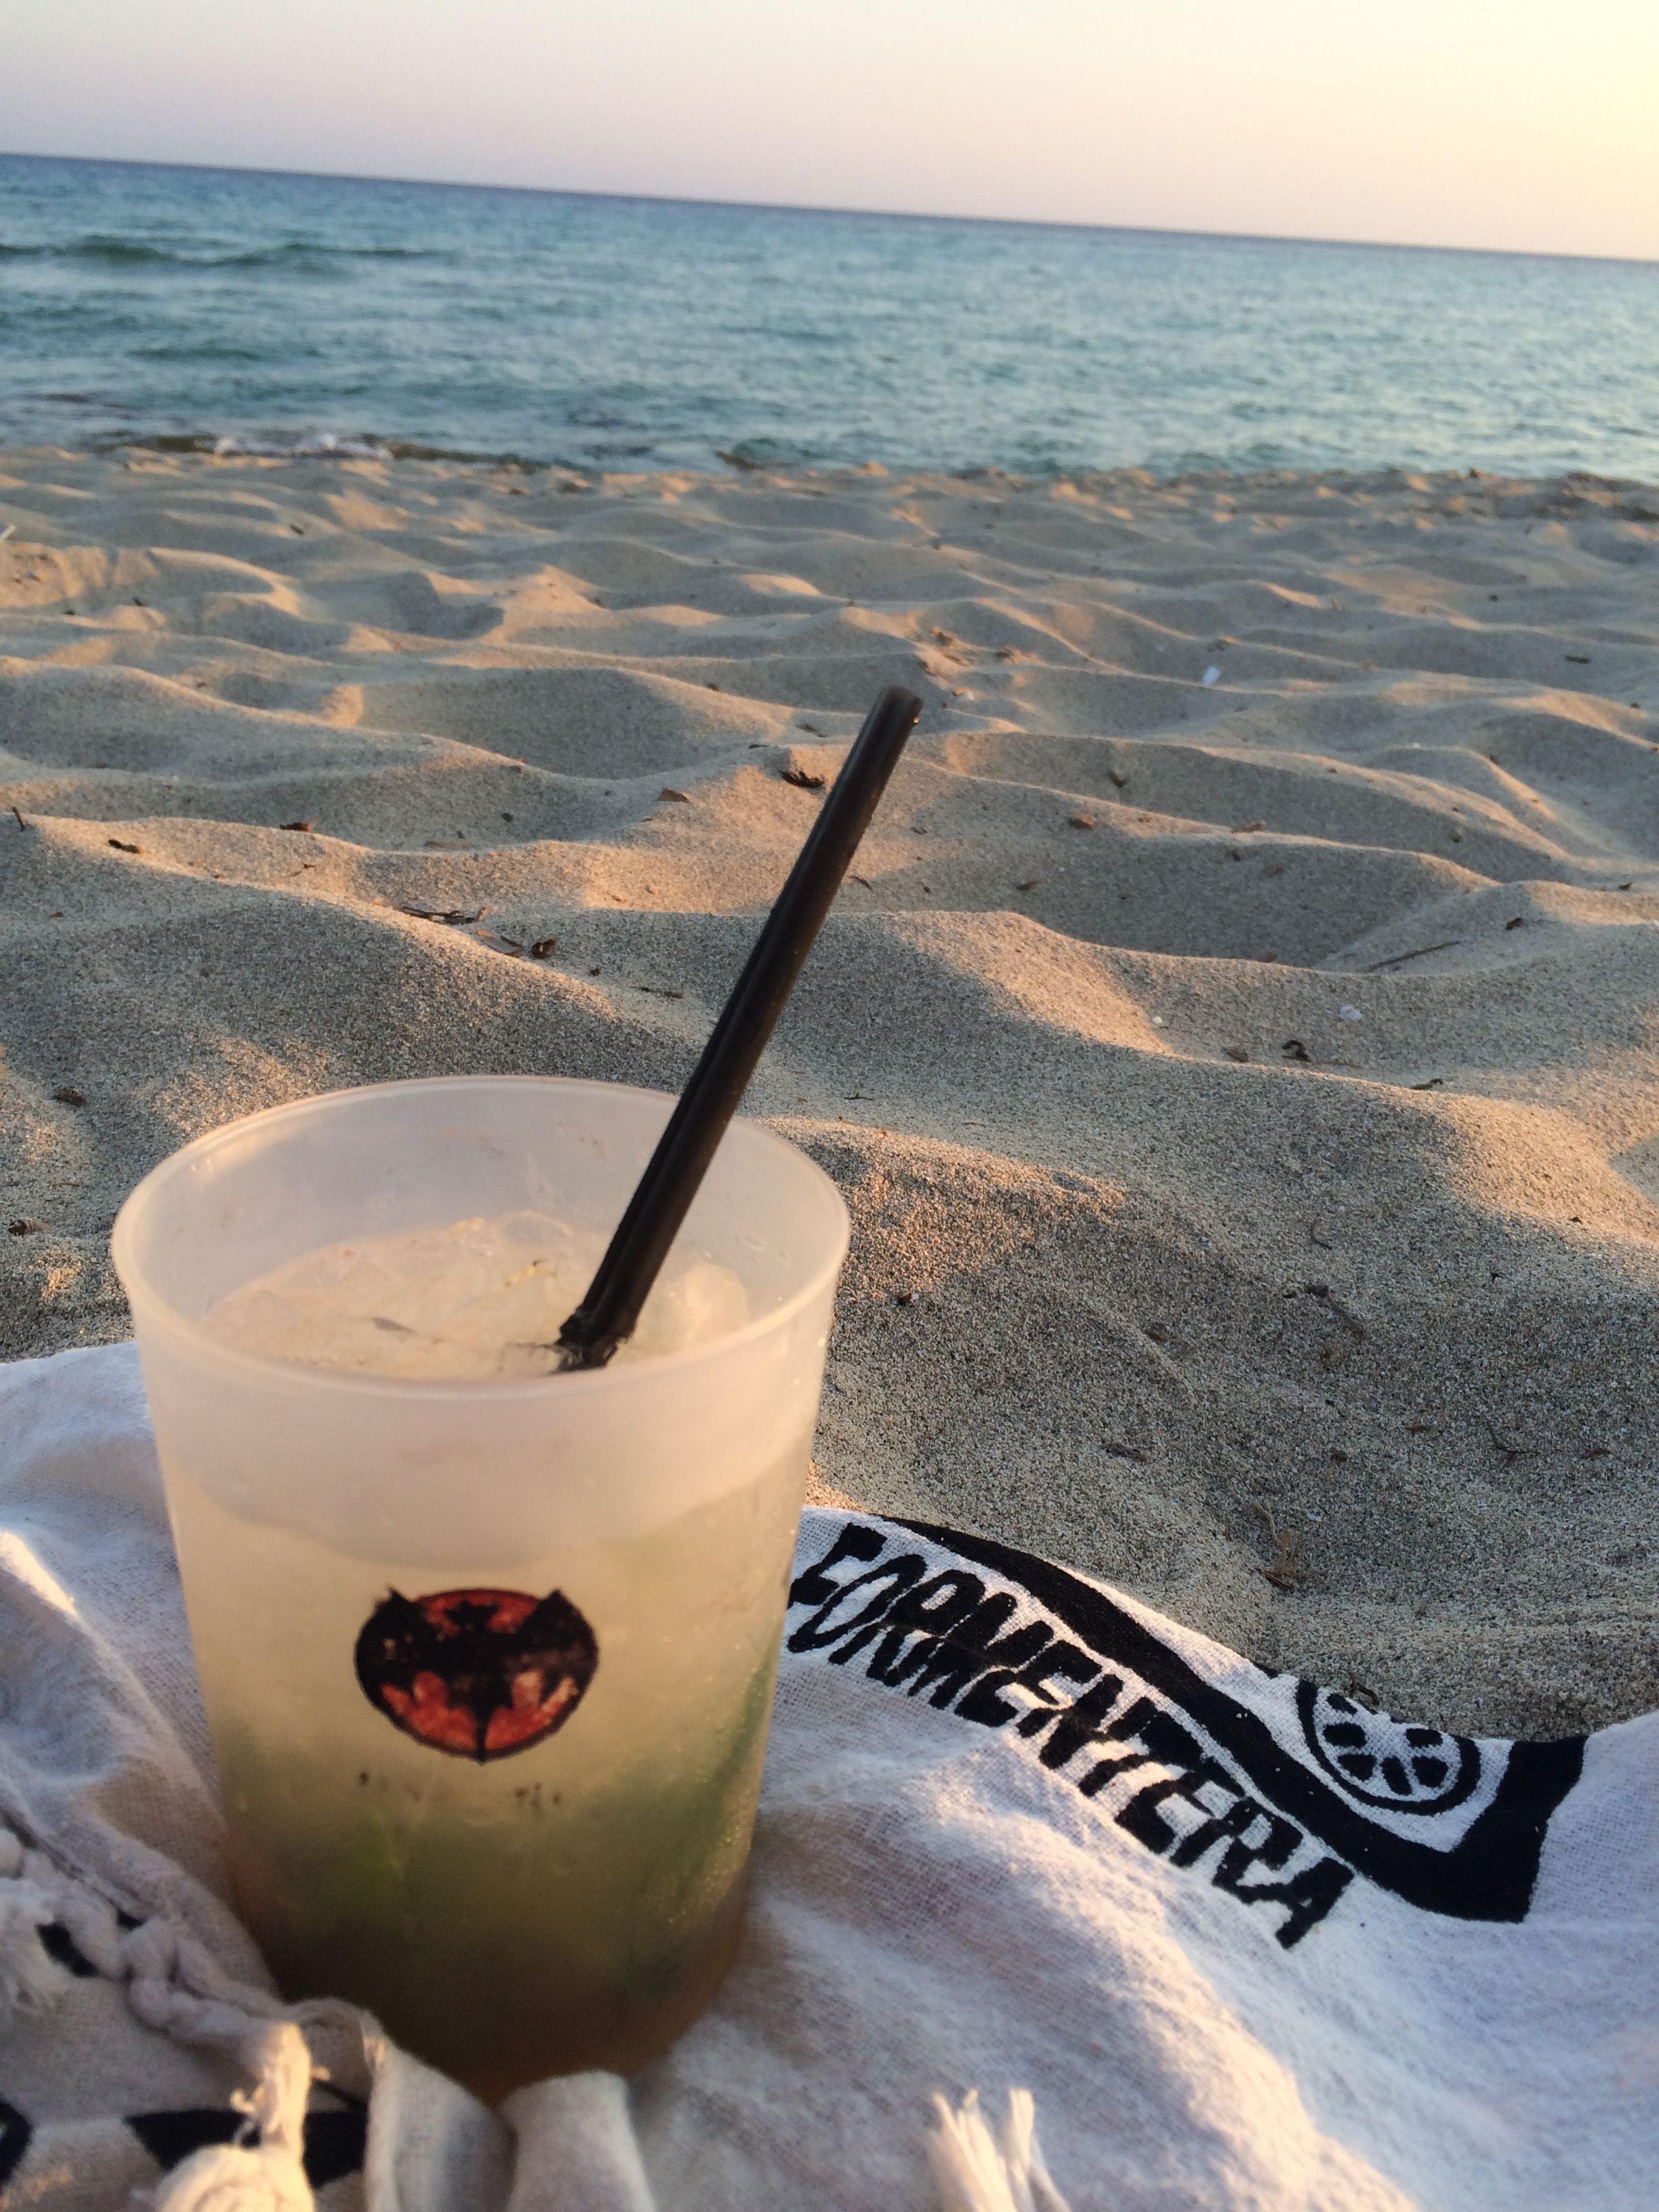 Cosa c'è di più bello che un aperitivo dopo una giornata di sole e mare a Formentera? In questo post trovate i locali migliori dove prendere l'aperitivo!